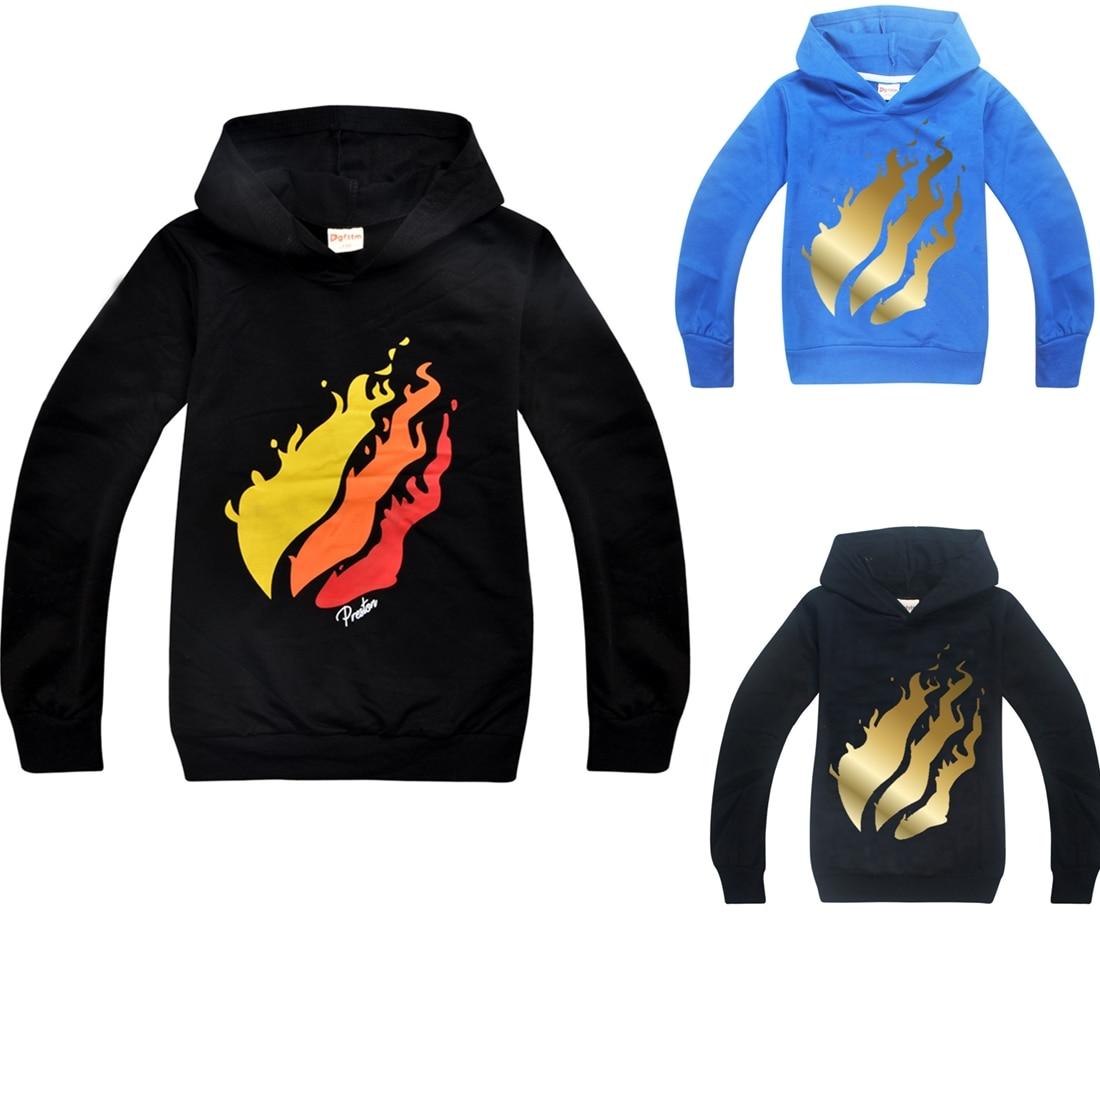 Kids Prestonplayz hoodie Youth Unspeakable sweatshirt Youth Hoodie prestonplayz